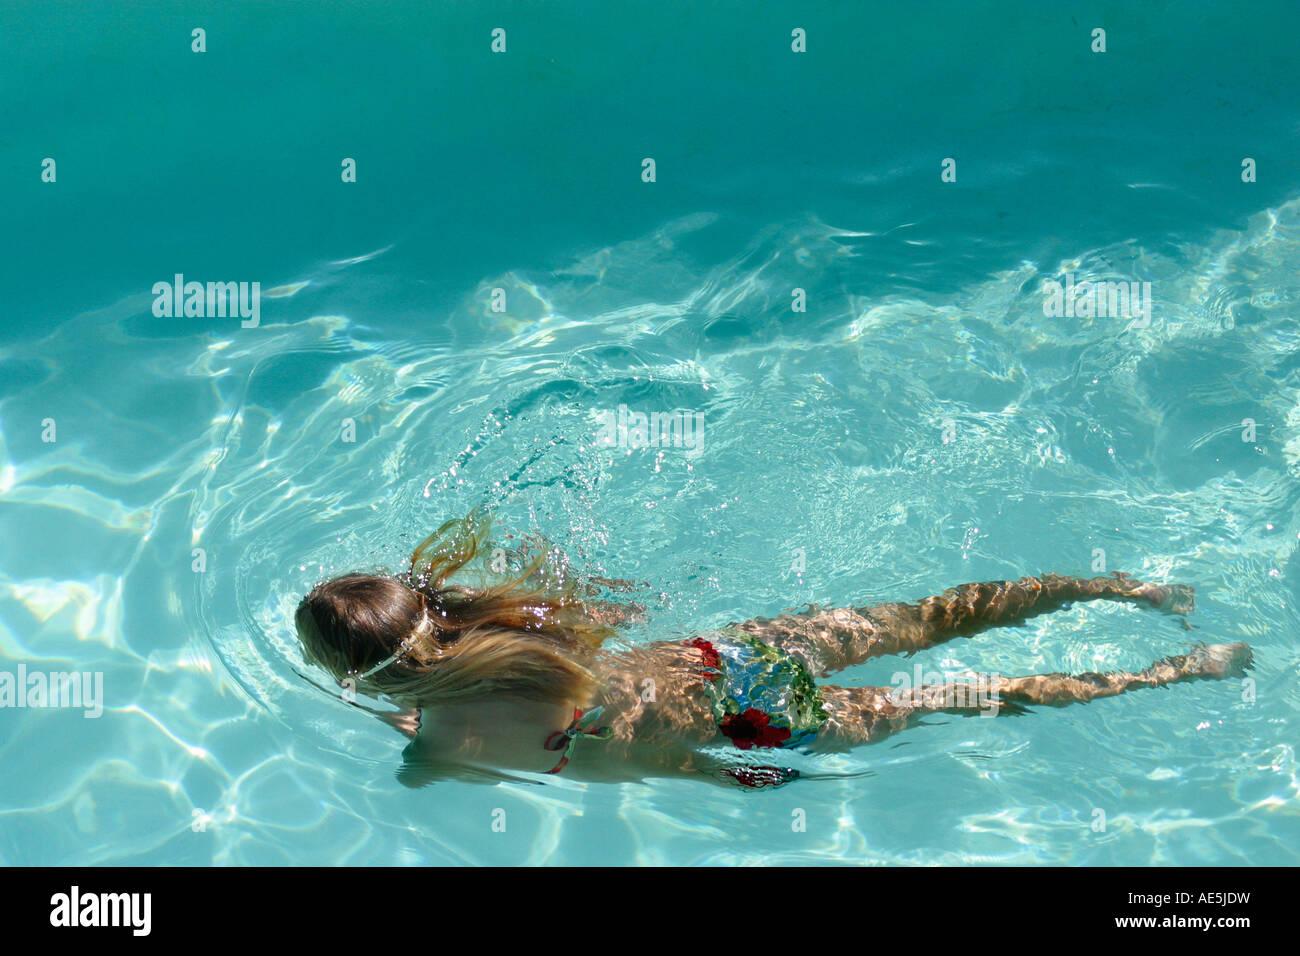 Swimming in a bikini — 9